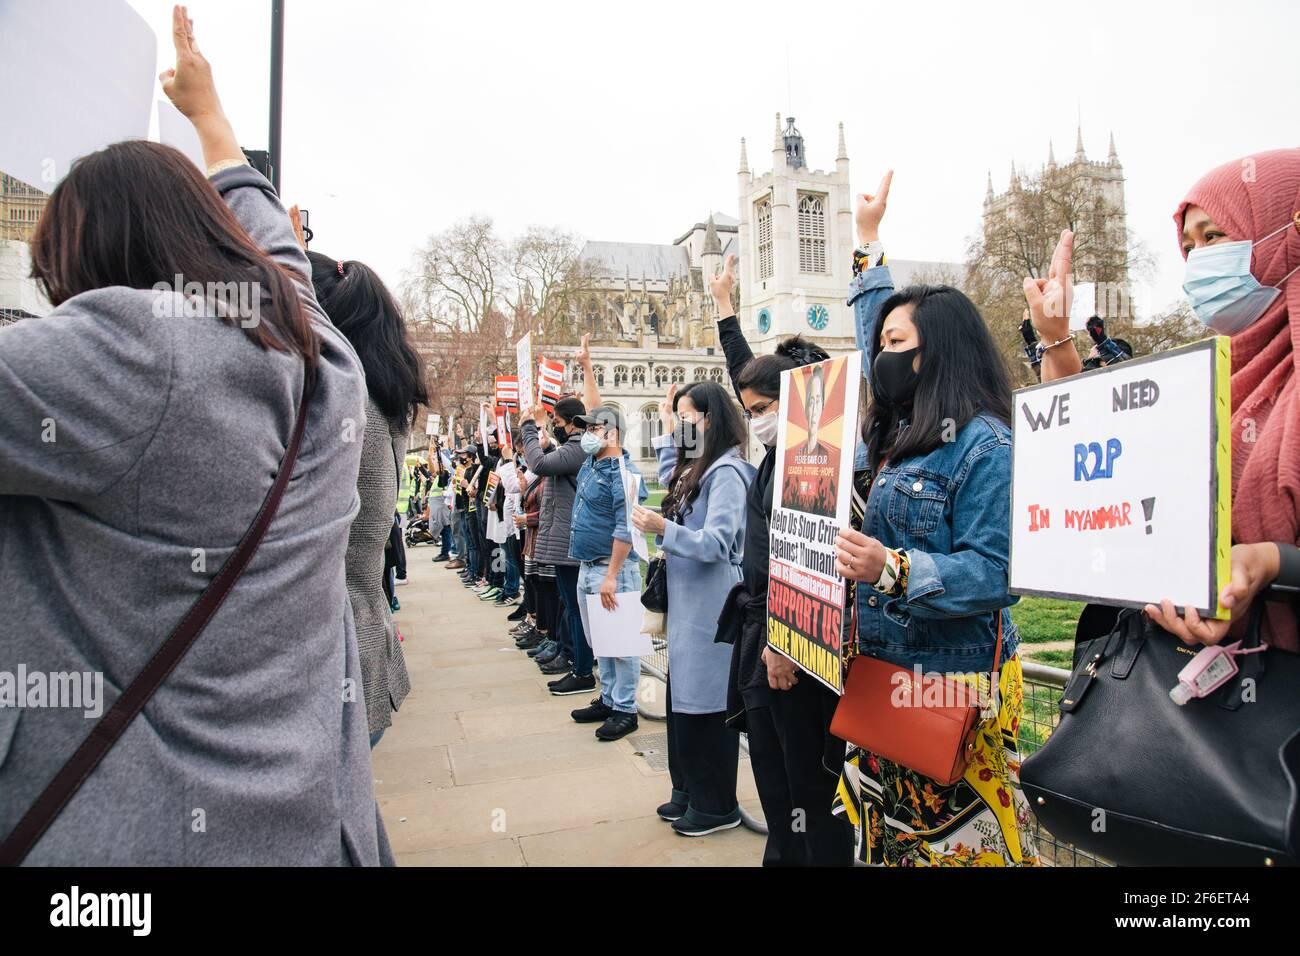 Londres, Royaume-Uni. 31 mars 2021. Protestation contre la violence militaire au Myanmar. Les manifestants se rassemblent sur la place du Parlement et se marchent à l'ambassade chinoise pour exprimer leur mécontentement à l'égard de l'implication chinoise dans le coup d'Etat militaire et le meurtre de civils innocents, dont des enfants Banque D'Images